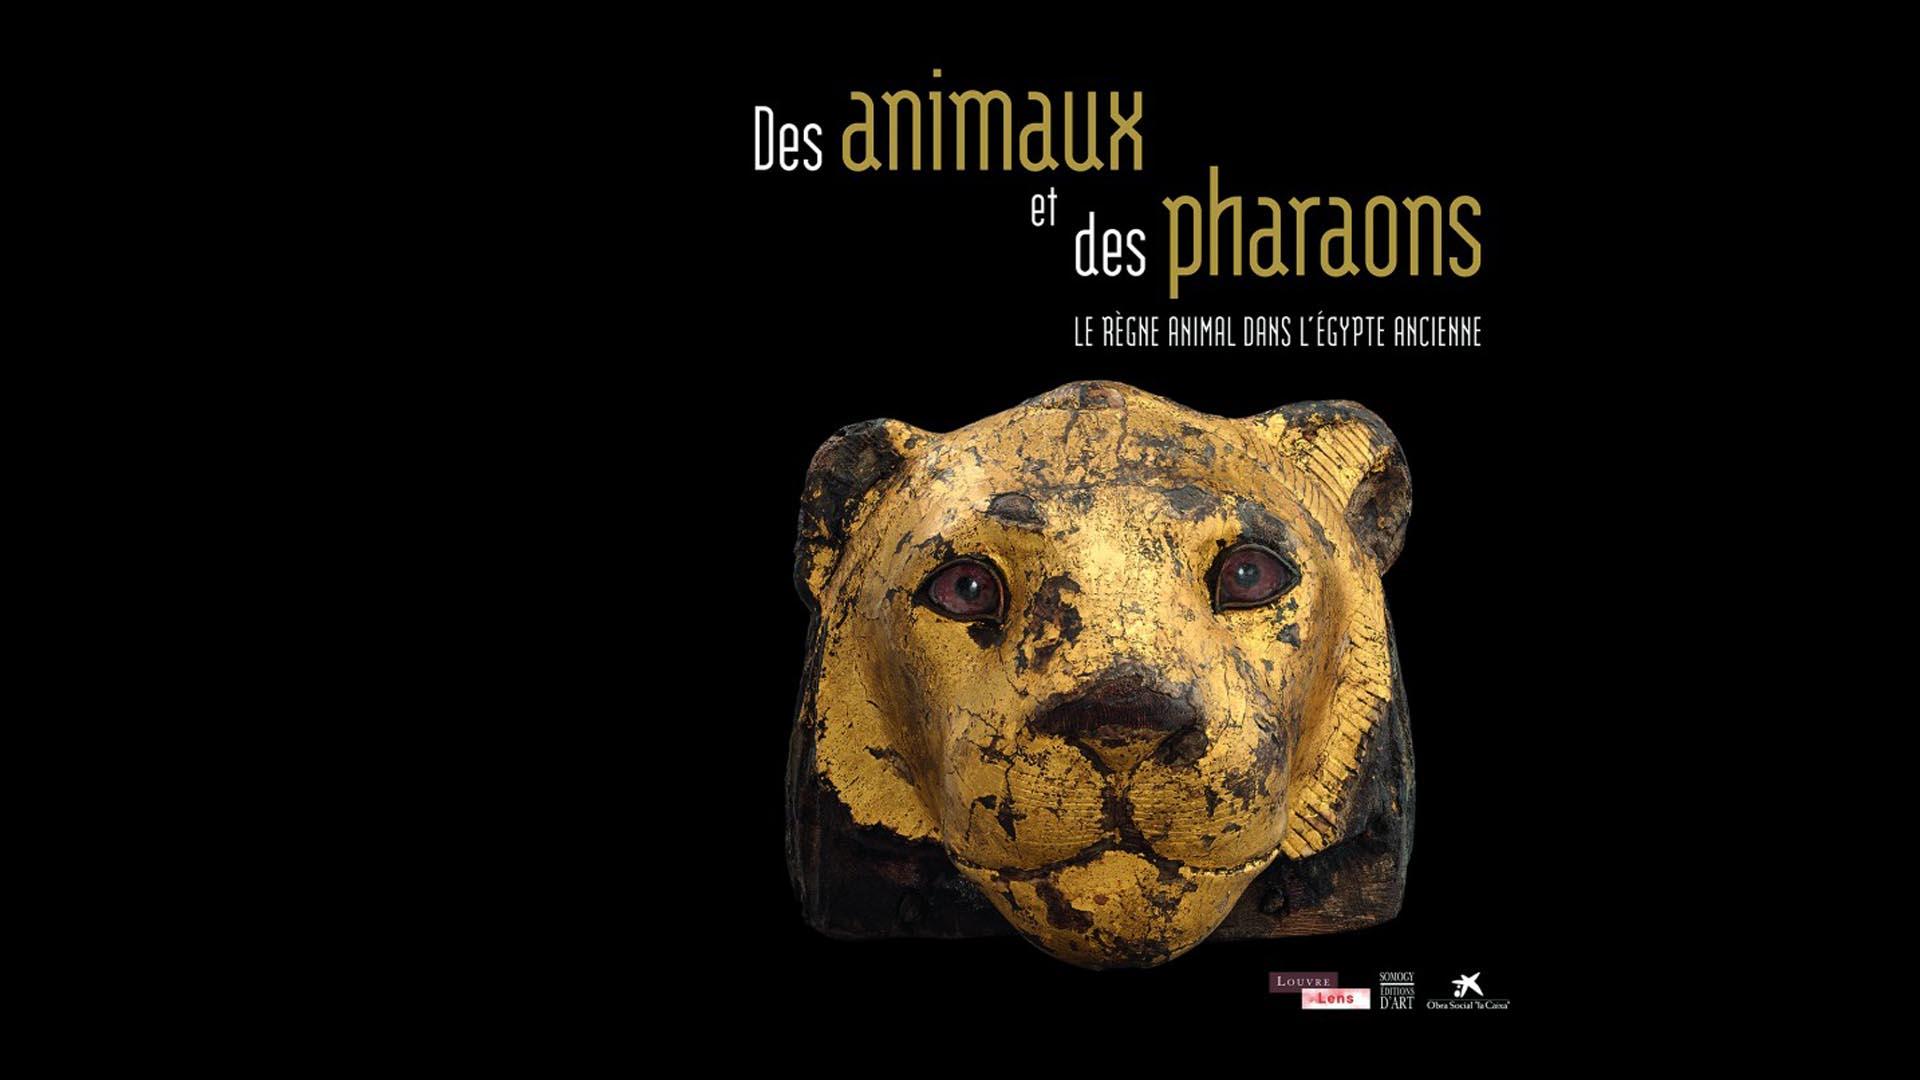 Affiche Louvre Lens - Exposition Des animaux et des pharaons